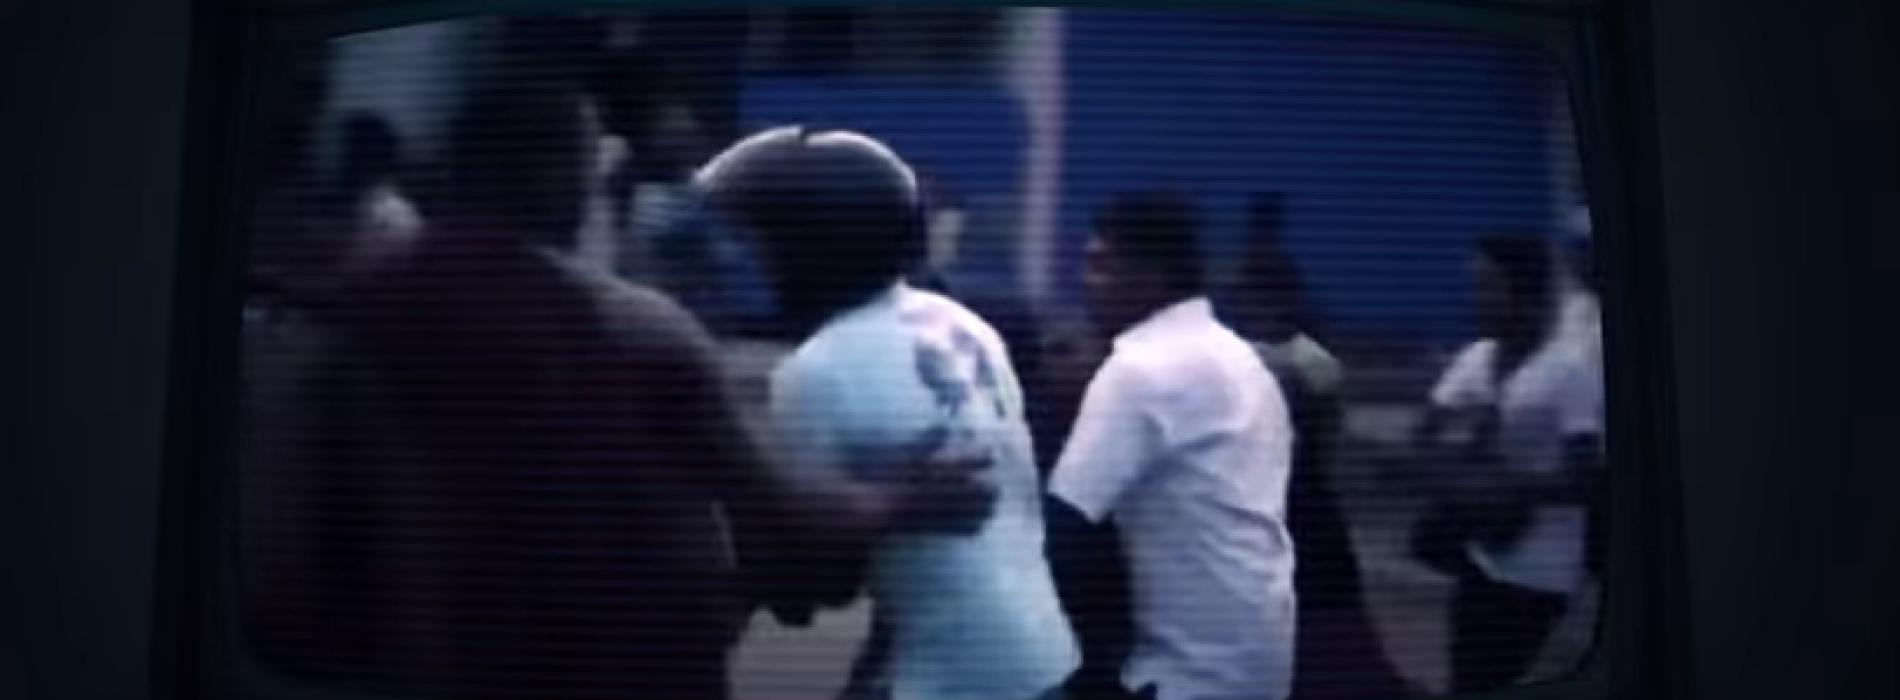 Iraj & Layzie Bone (Bone Thugs-N-Harmony) Ft. Peshala & Kaizer – Manusatha ( මනුසතා )